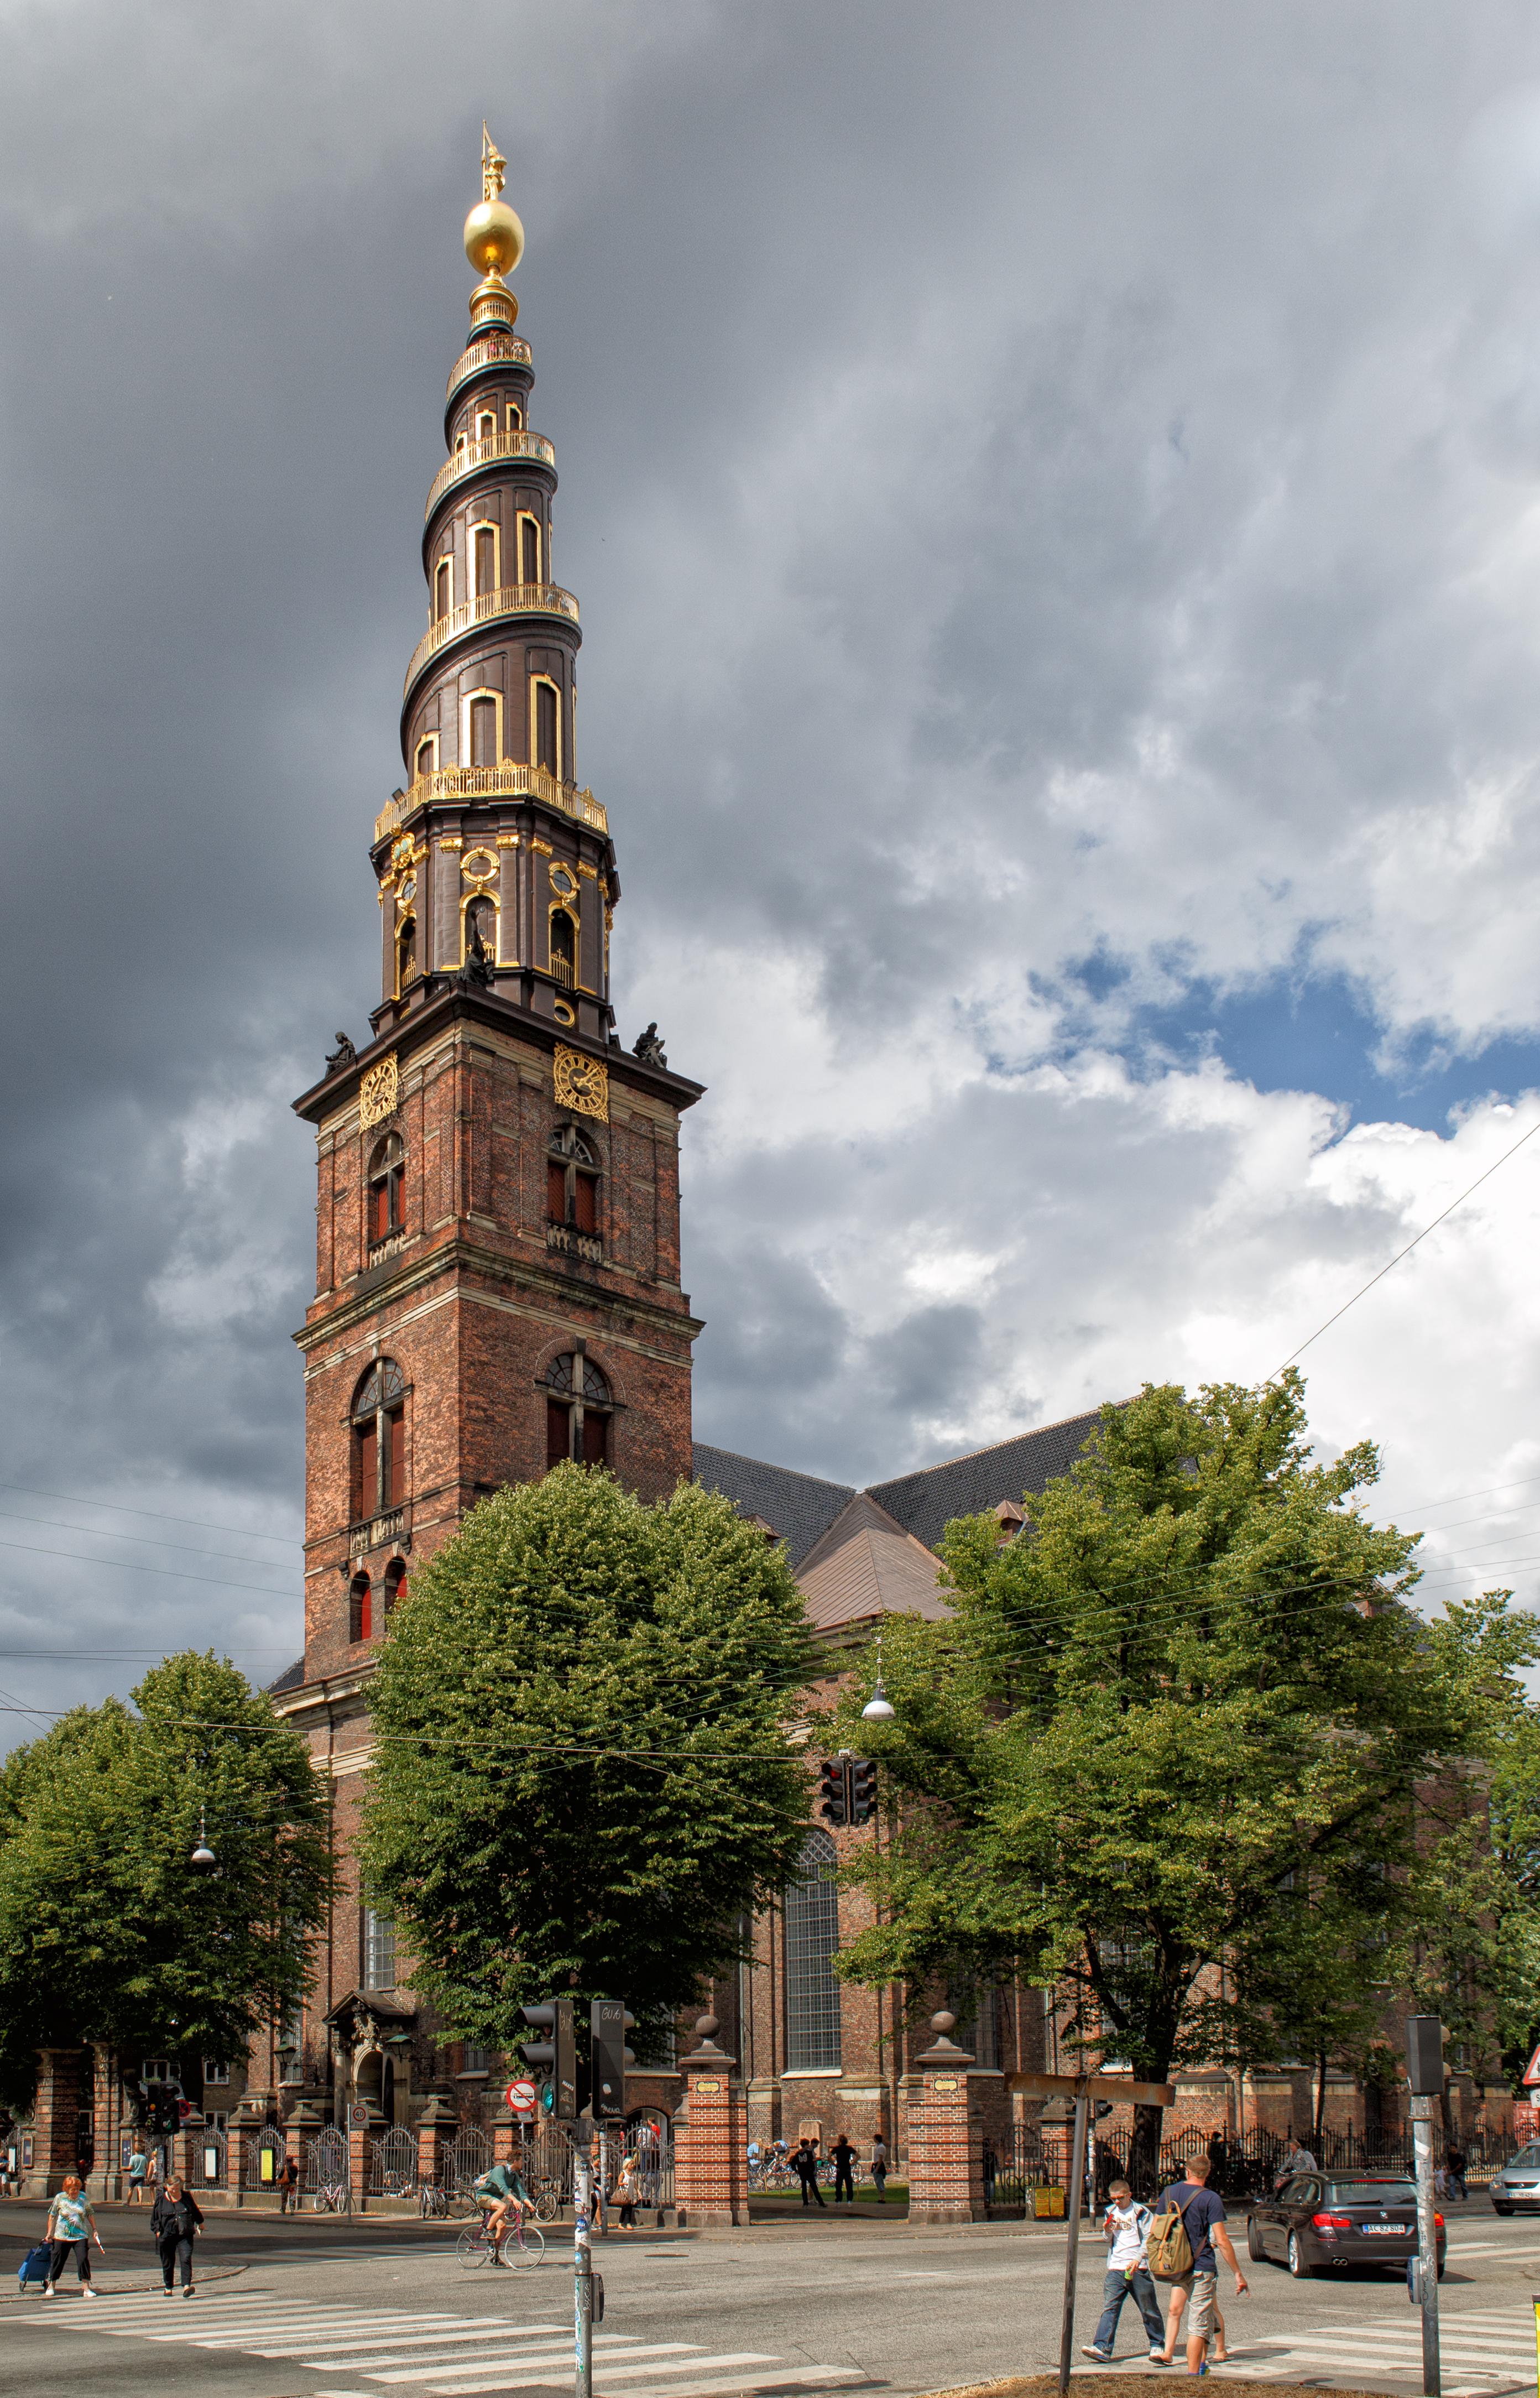 vor frelsers kirke copenhagen denmark